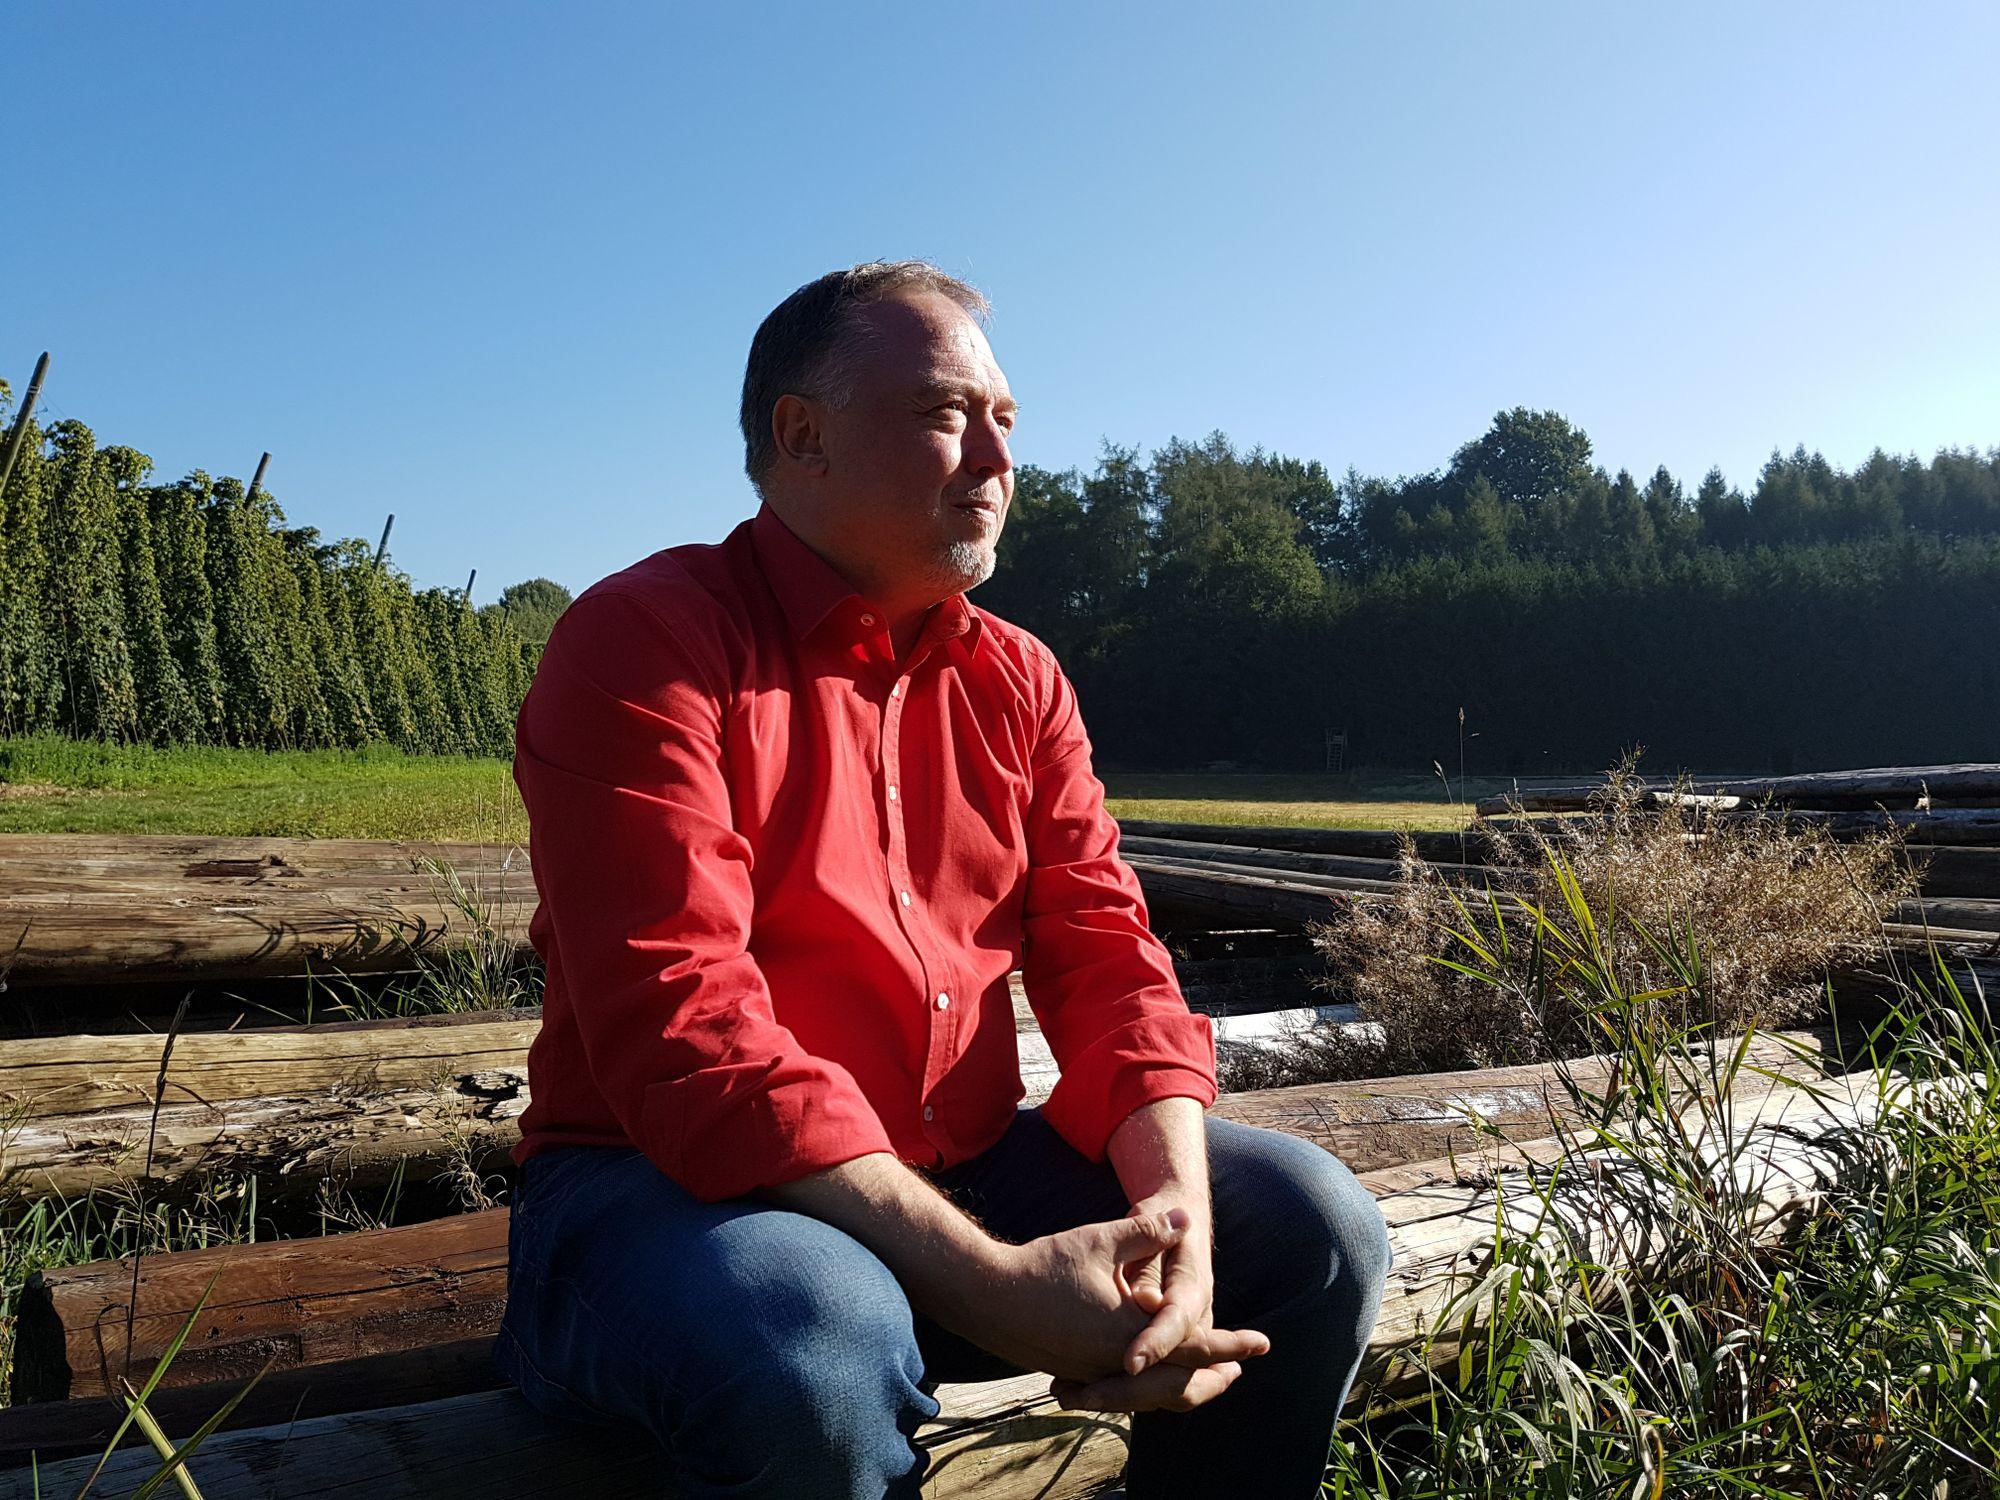 Mann Mitte 50, rotes Hemd und Jeans, sitz auf einem Baumstamm in schöner Naturlandschaft unter blauem Himmel